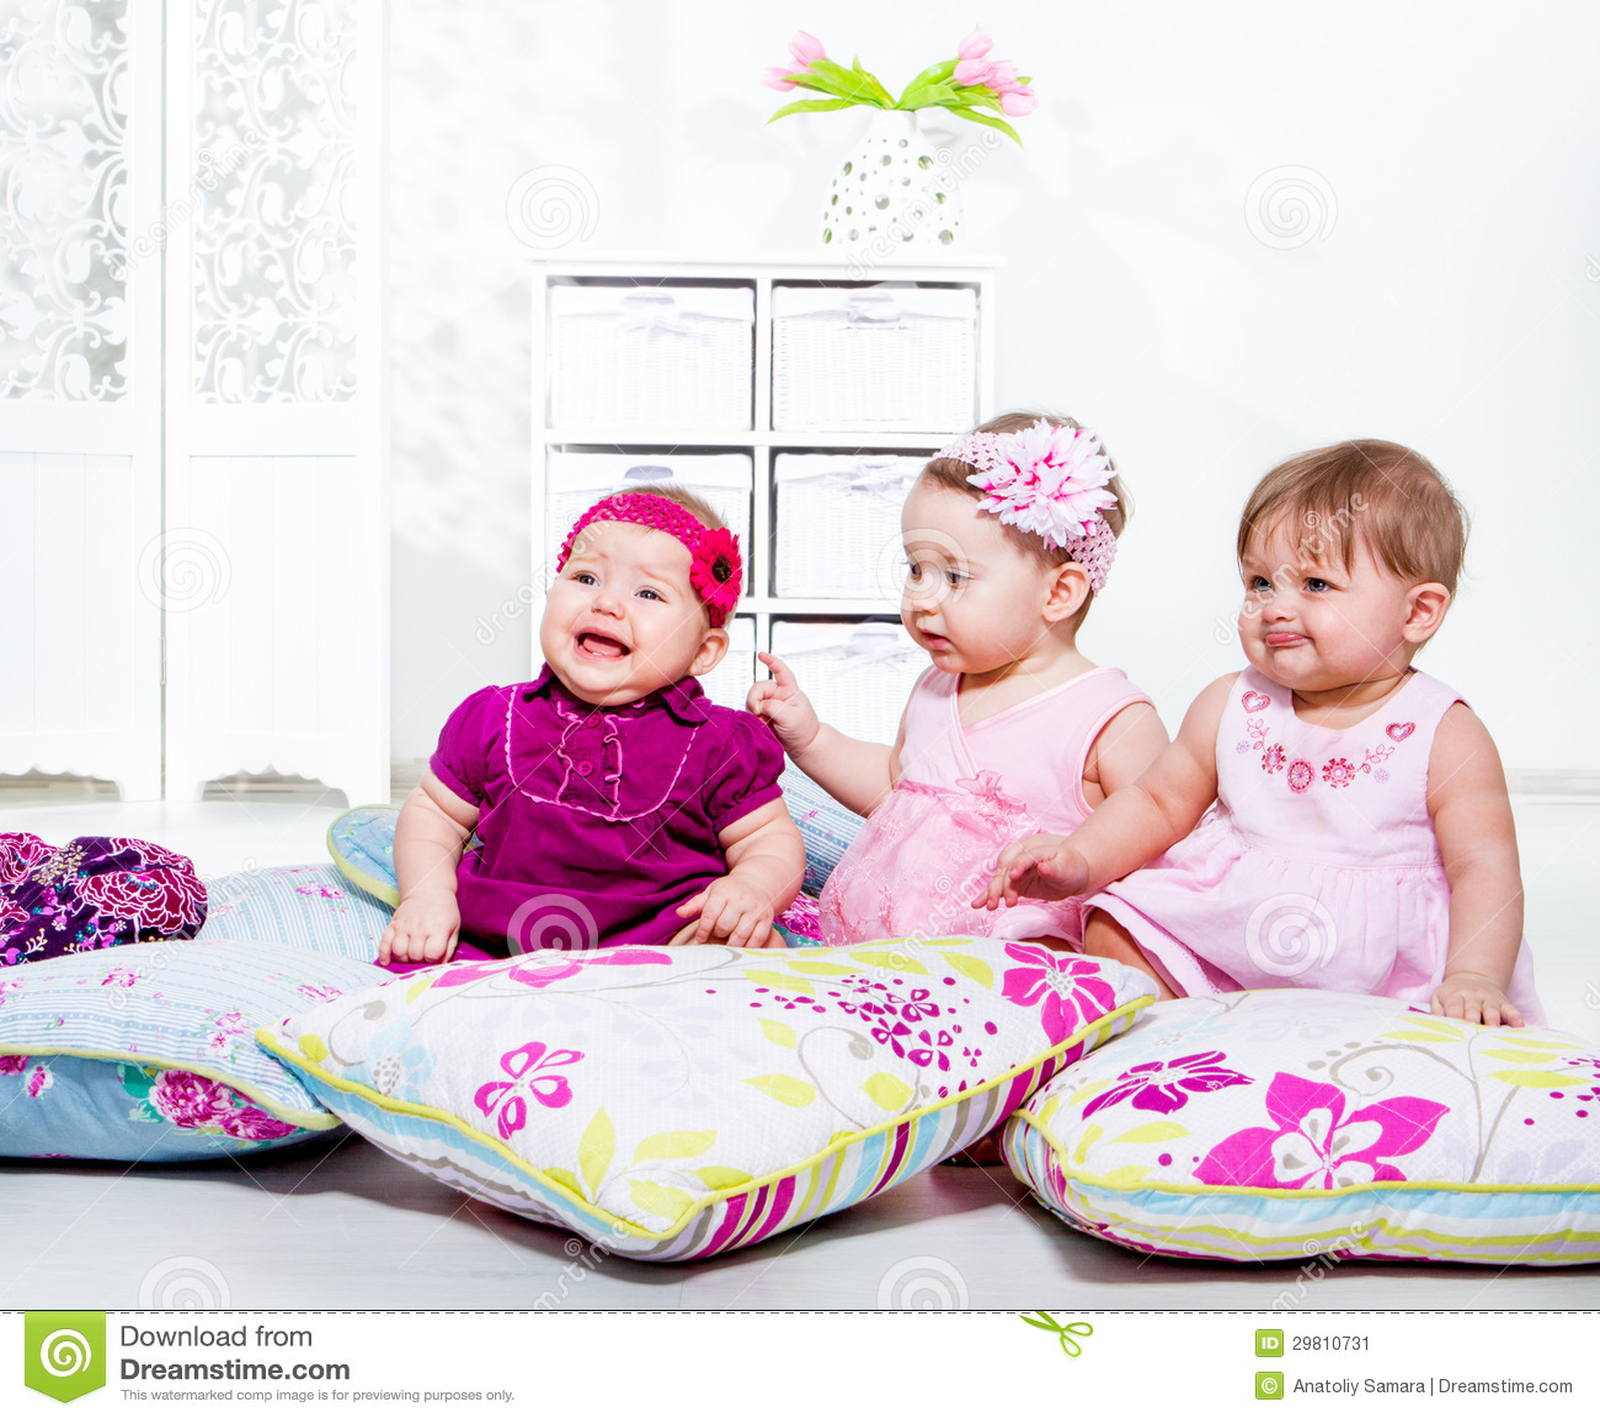 Kids Among Pillows Stock Image - Image: 29810731